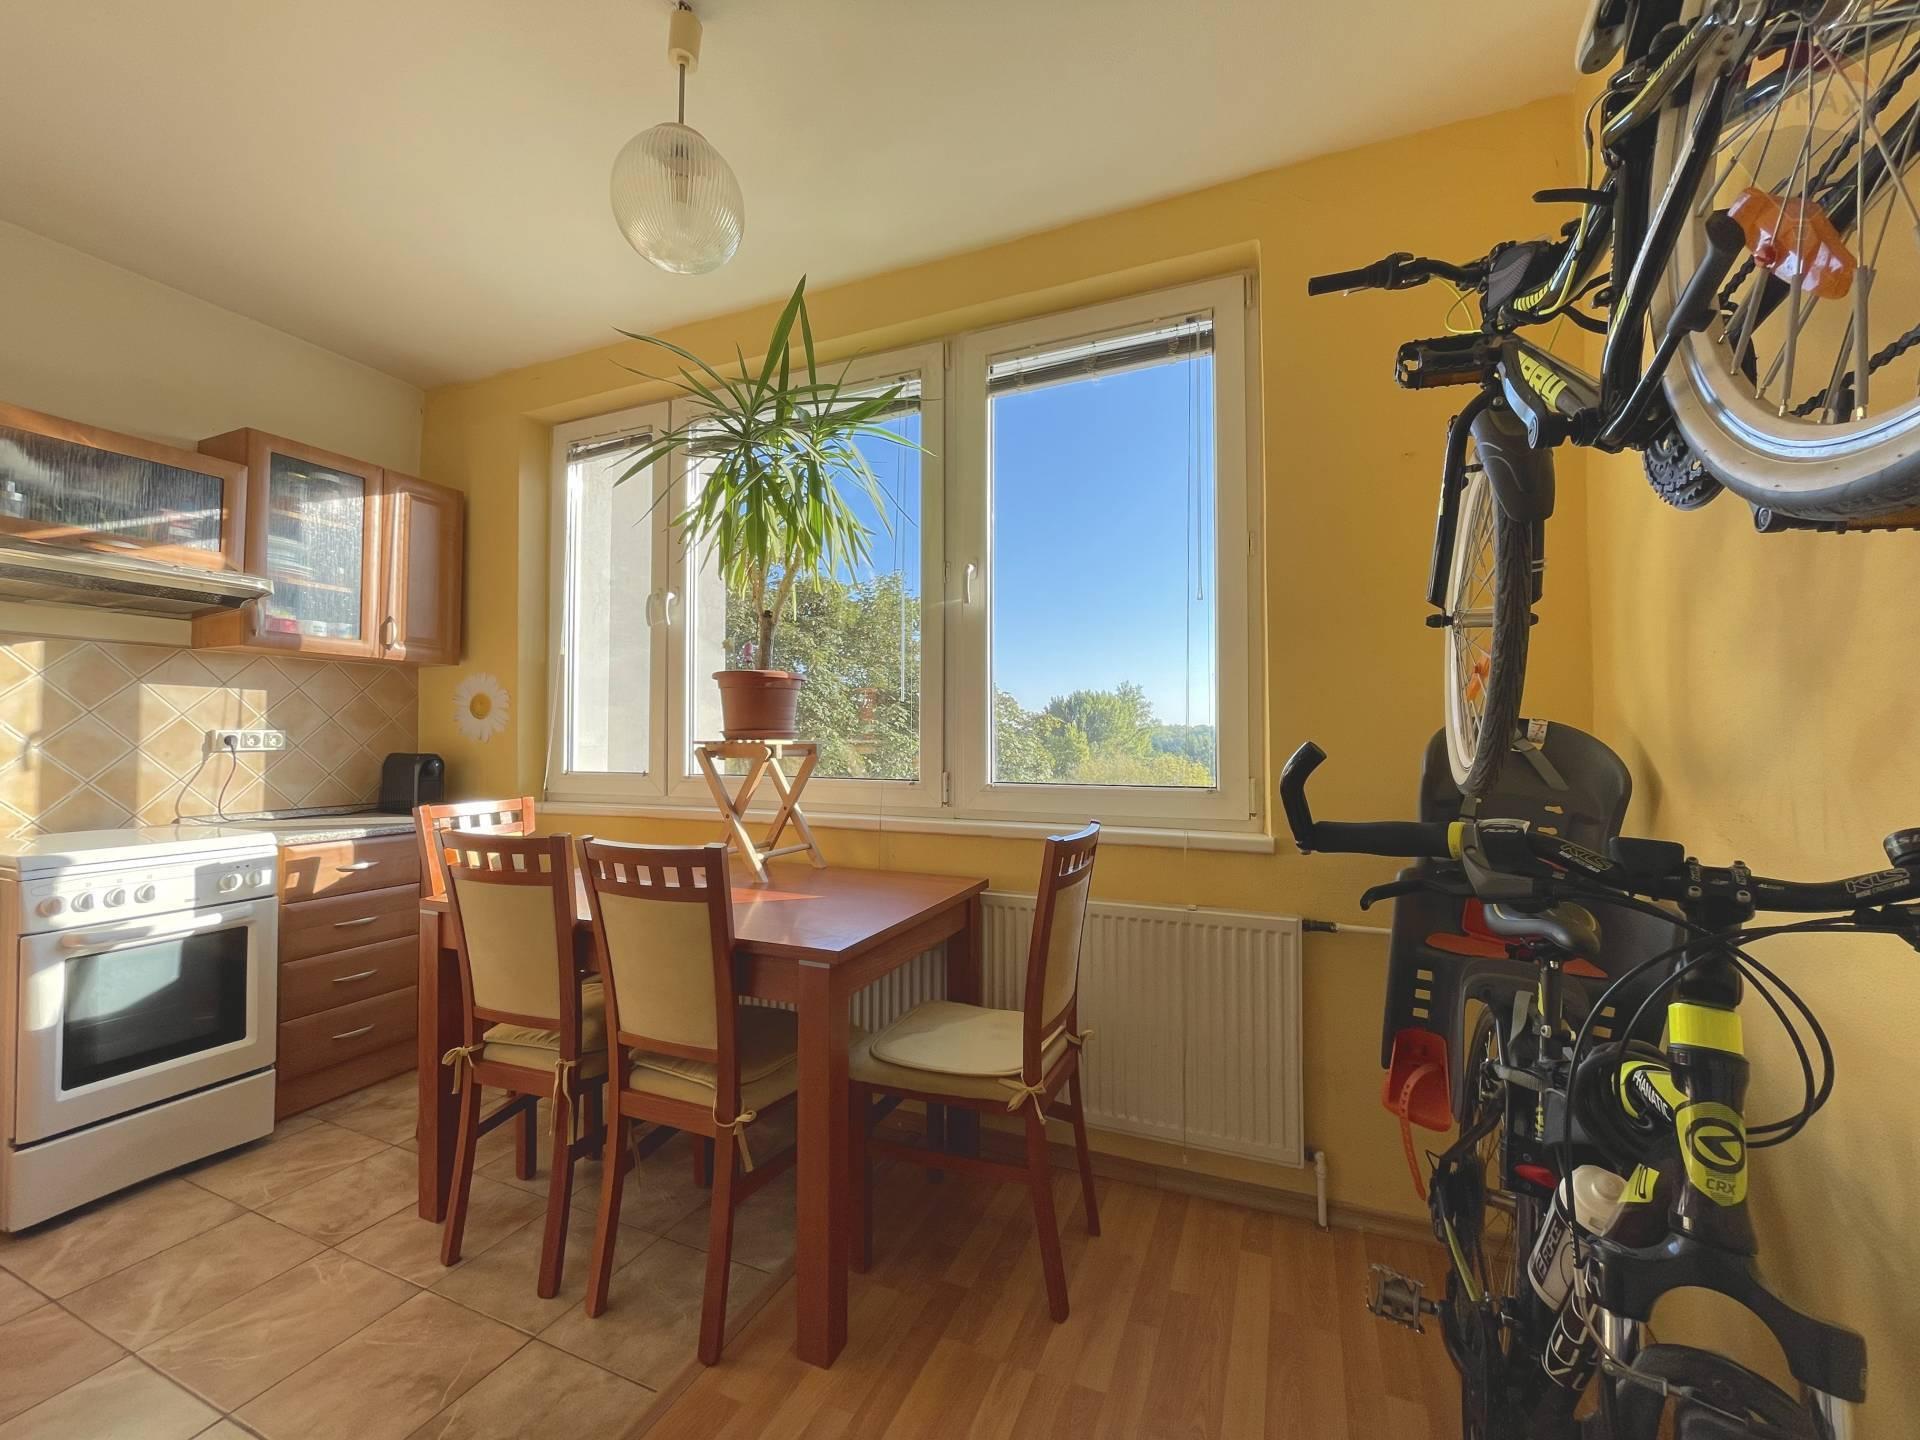 RE/MAX ponúka exkluzívne na predaj jednoizbový byt na Znievskej ulici 17.